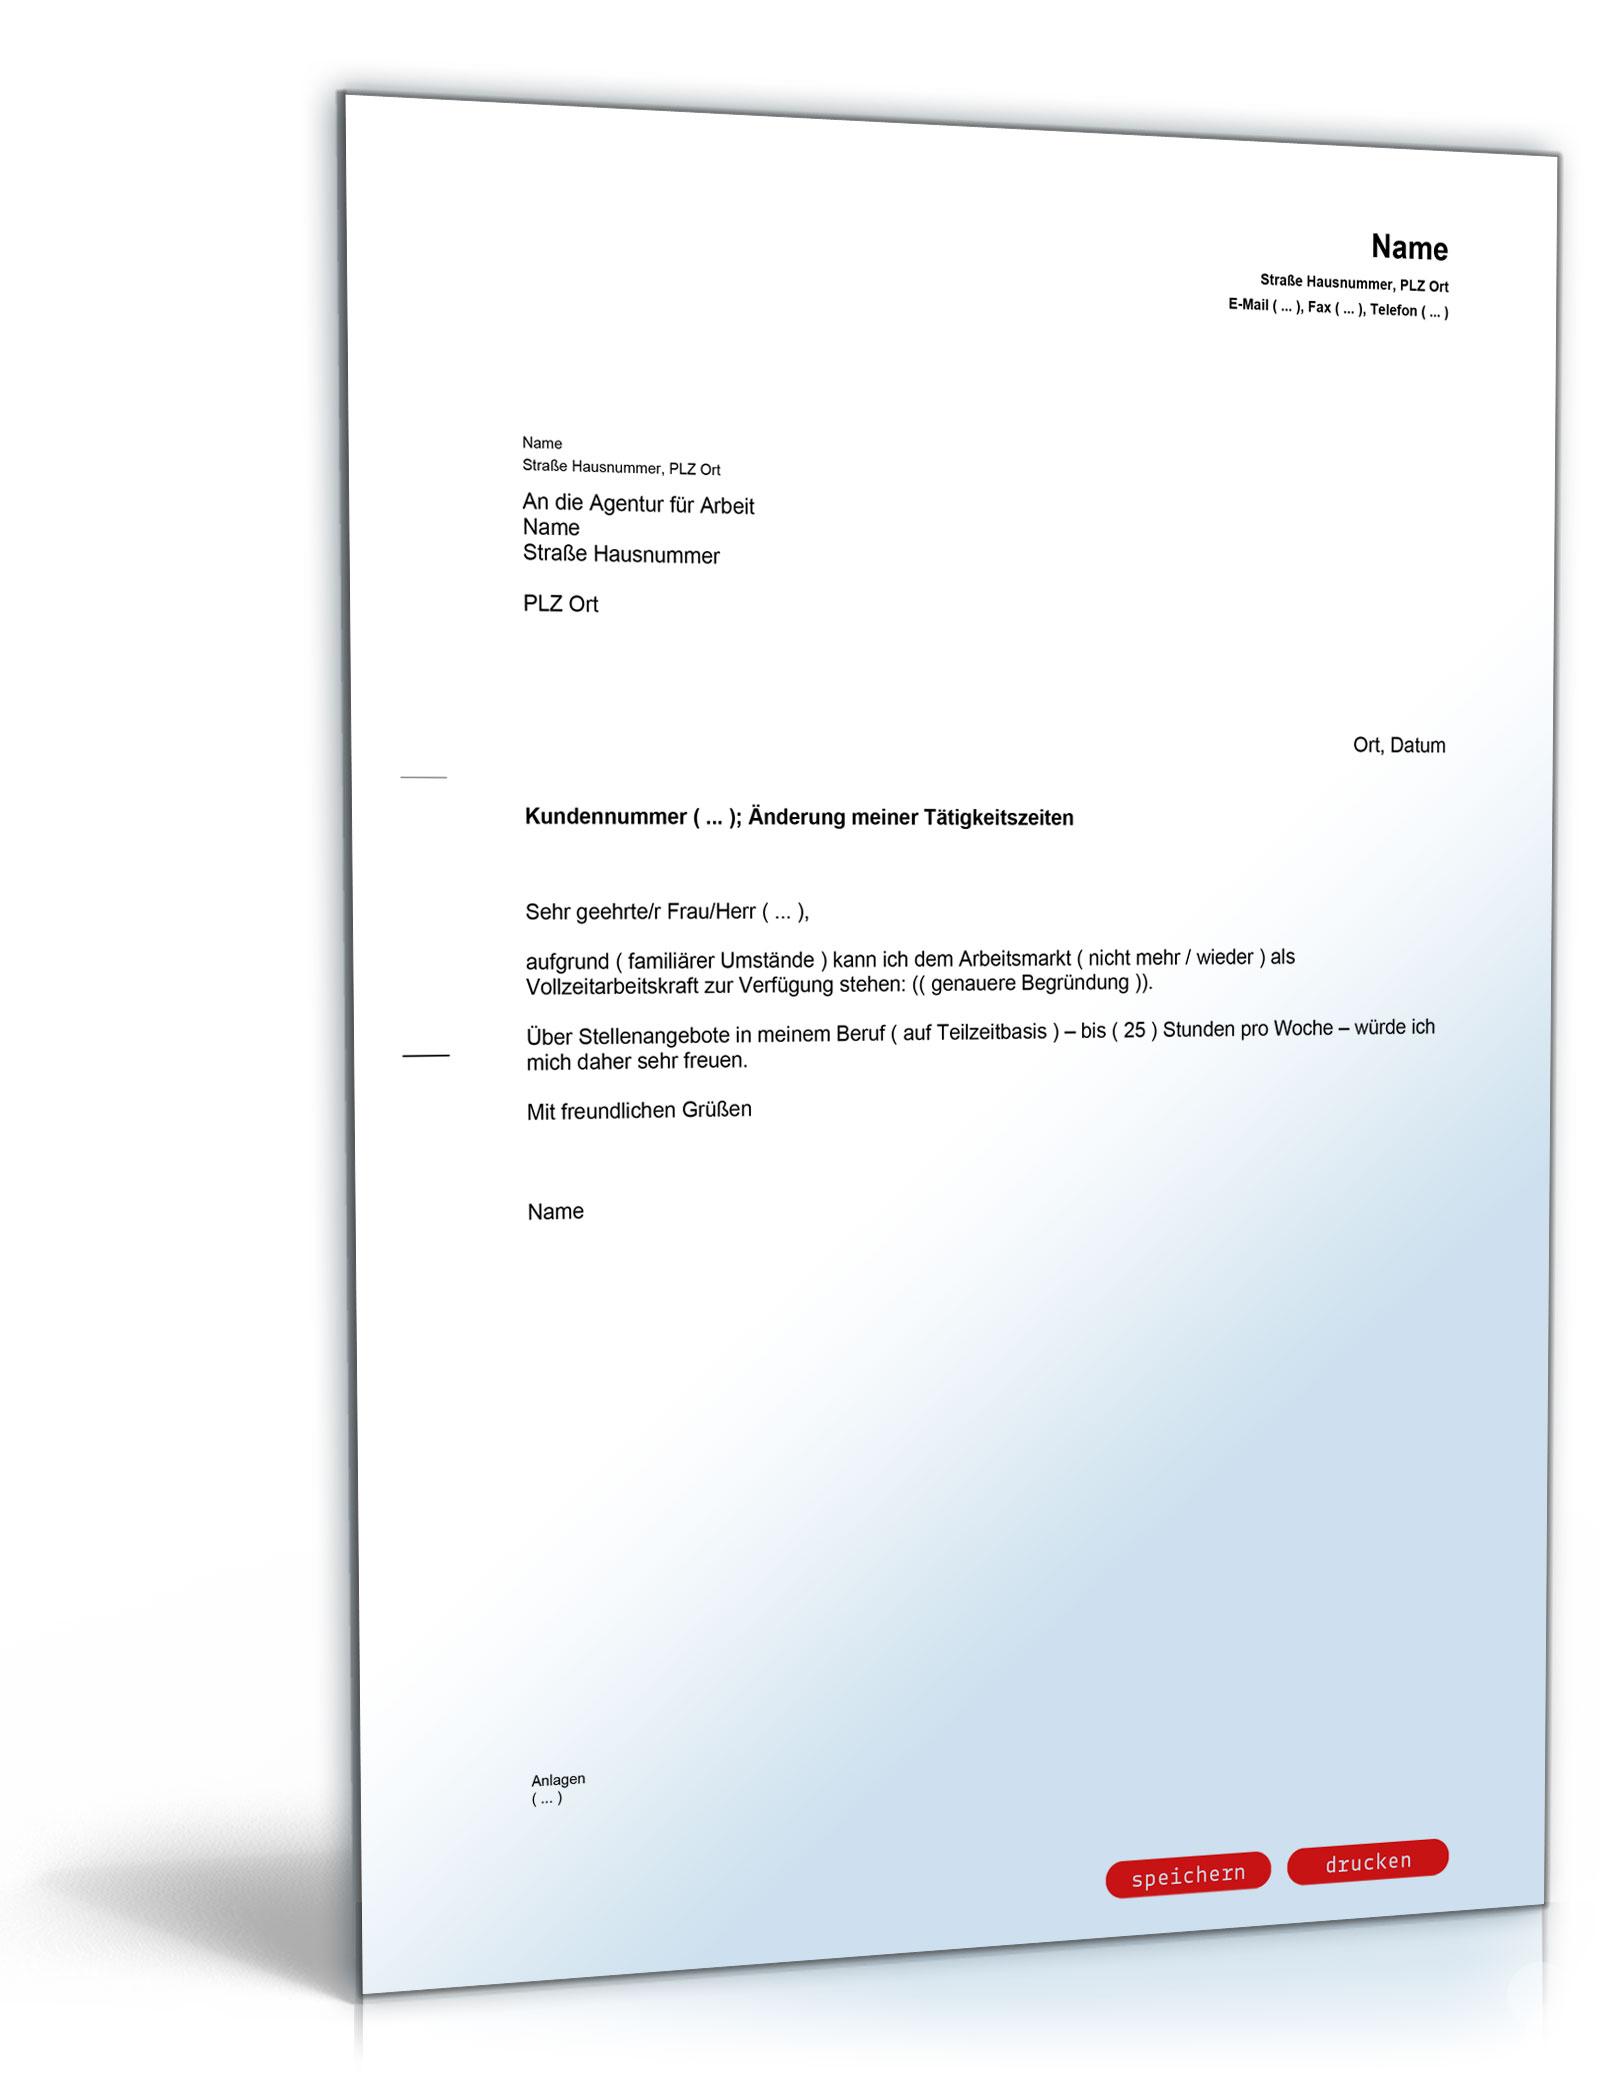 Mitteilung an die Agentur für Arbeit (Änderung der Tätigkeitszeit)